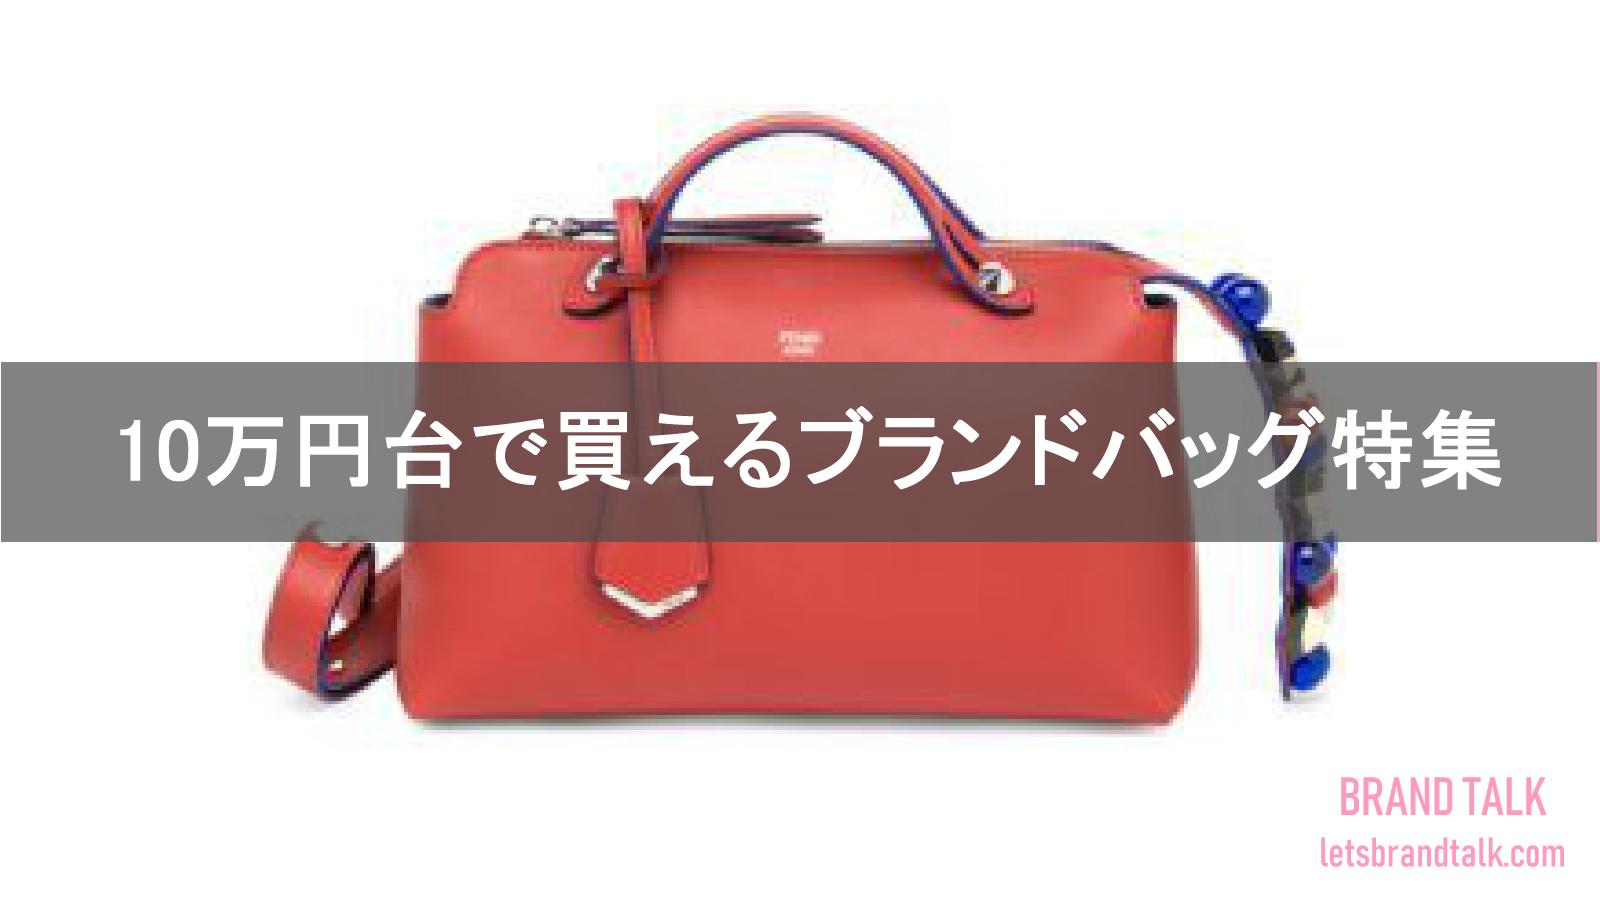 10万円台のブランドバッグ